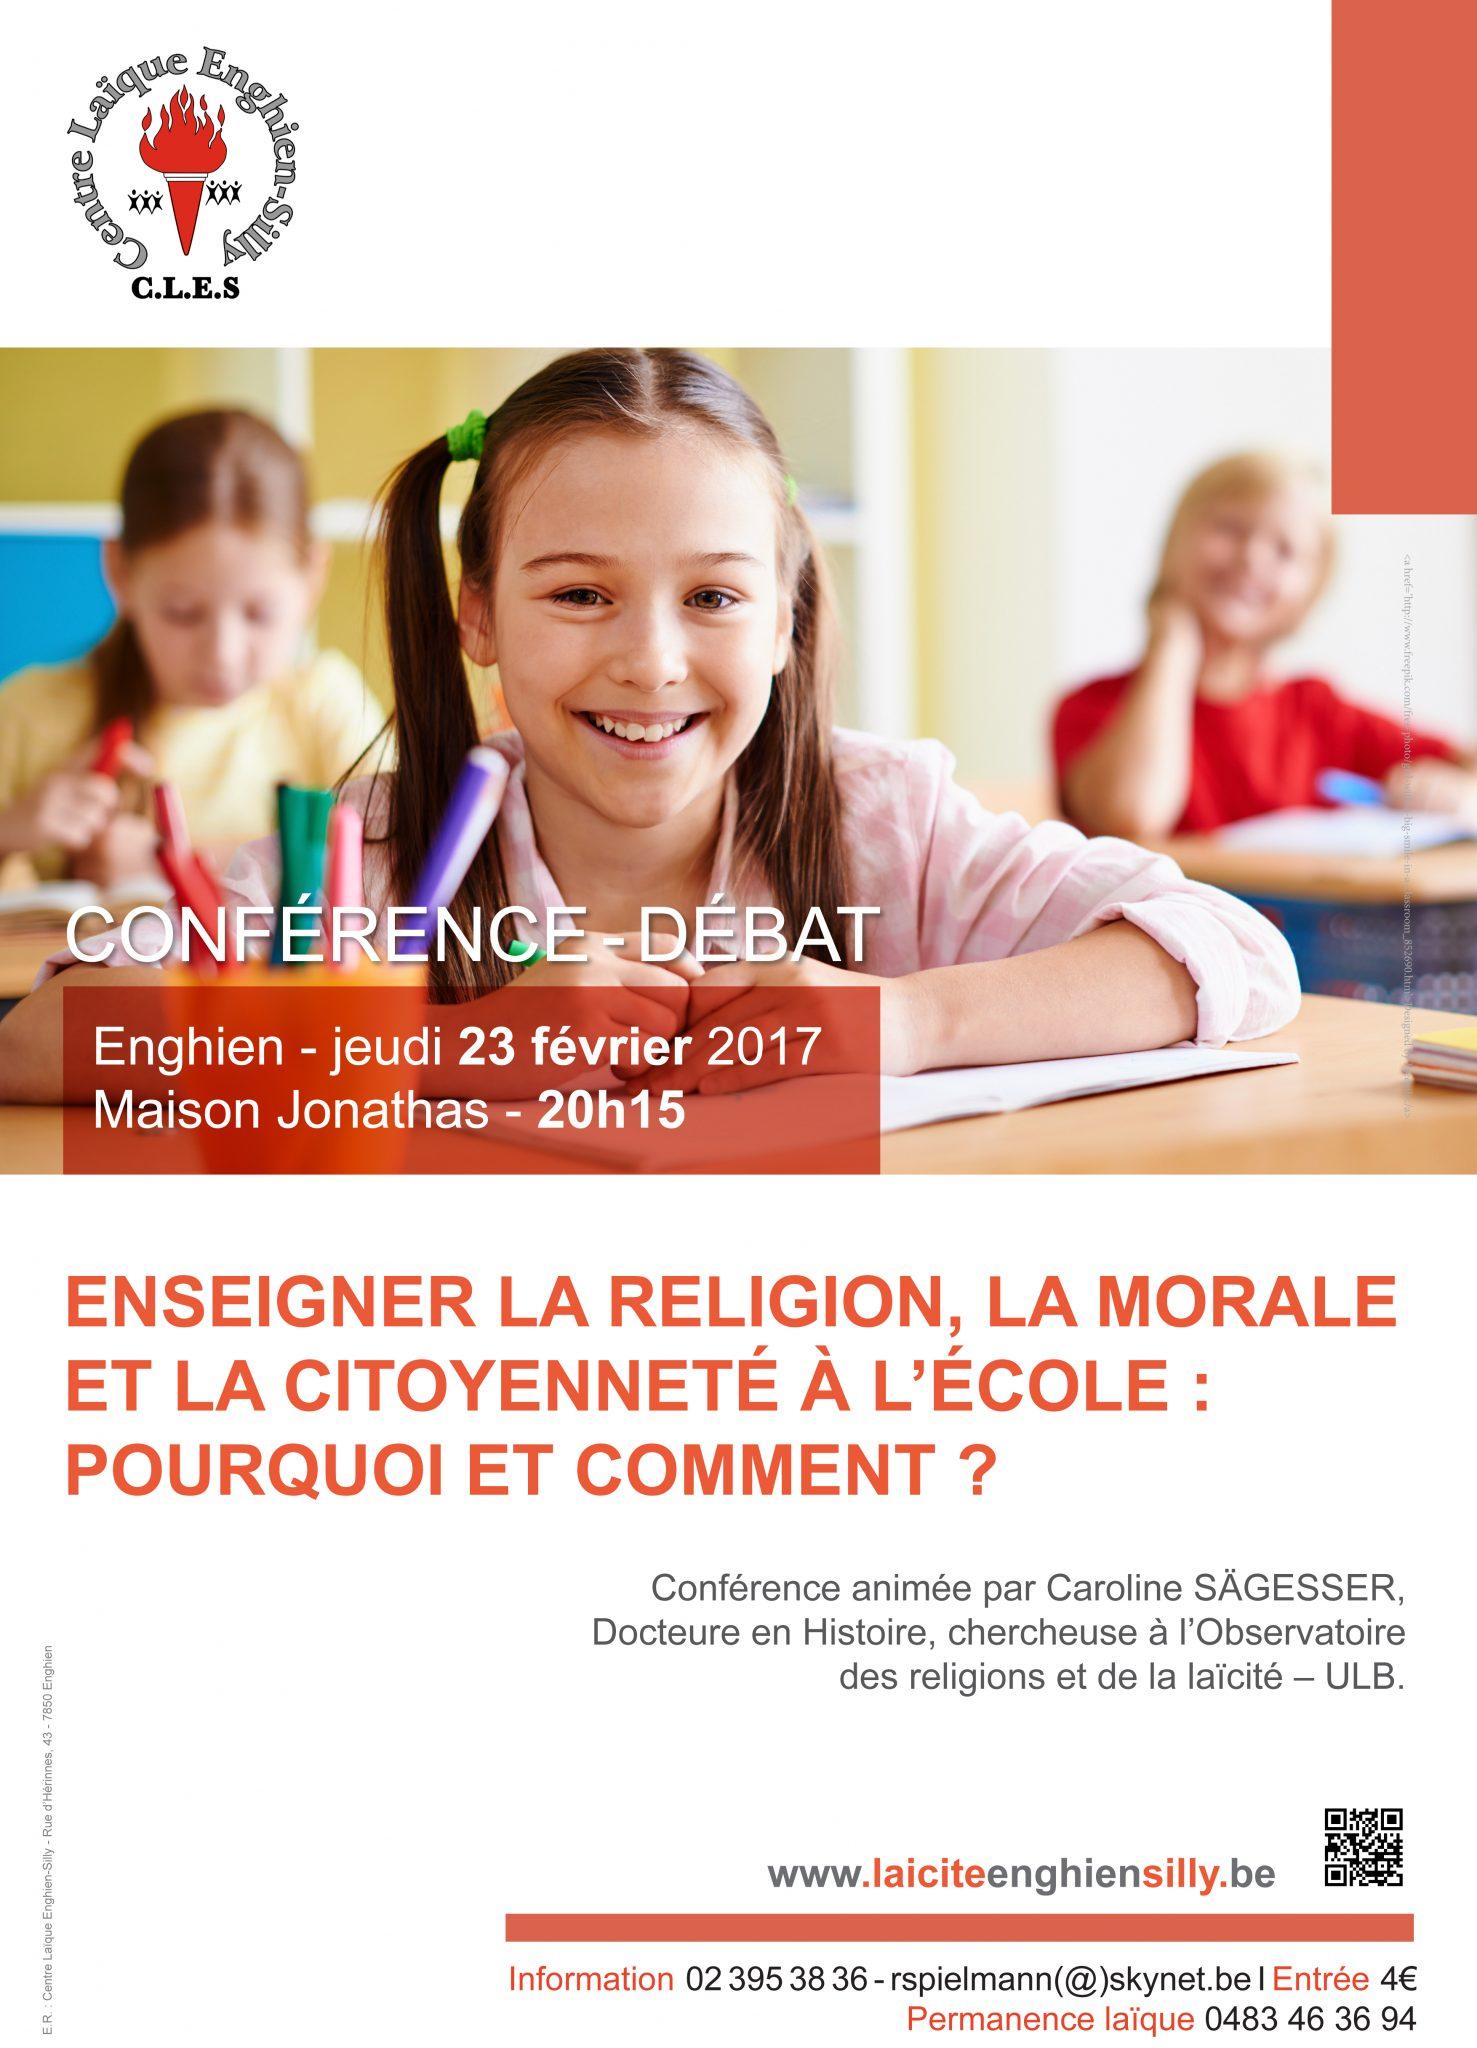 Laïcité Belgique - Centre Laïque Enghien-Silly - enseignement